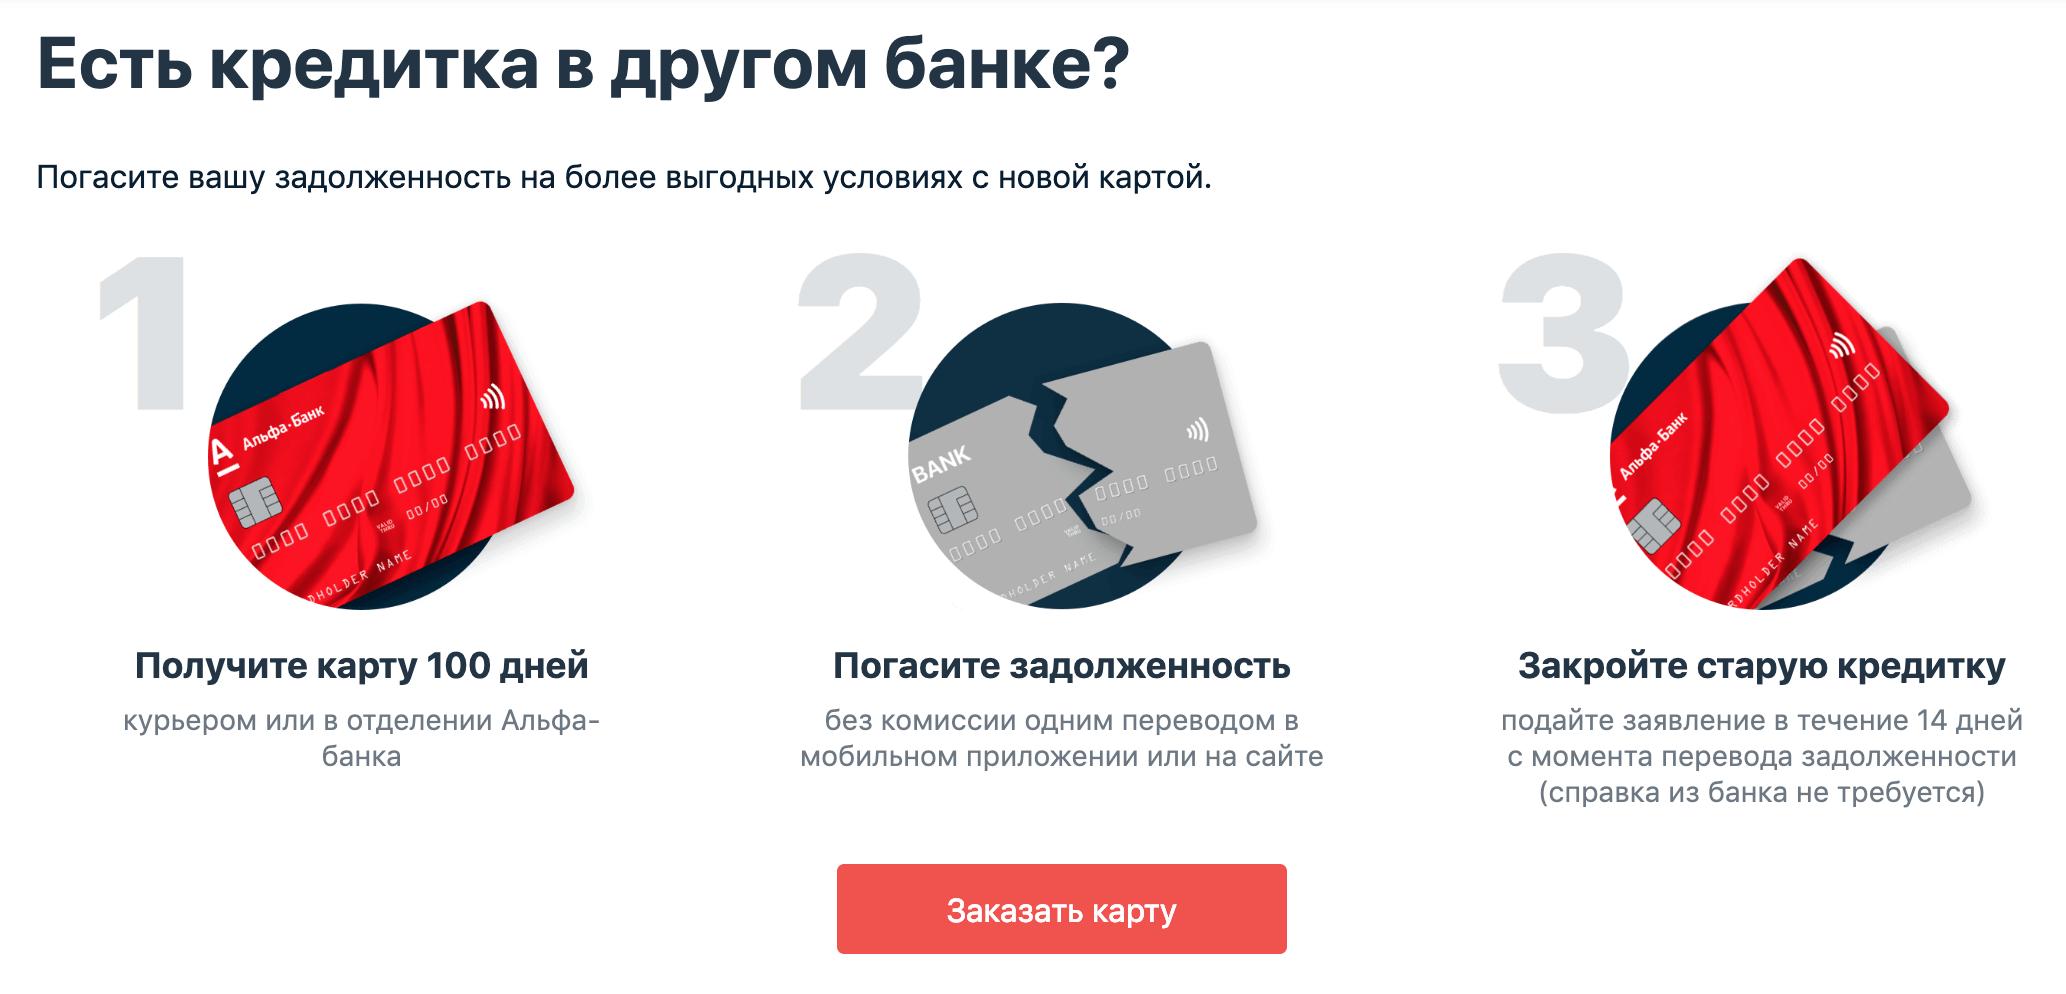 как можно получить кредитную карту сбербанка оноайн банк